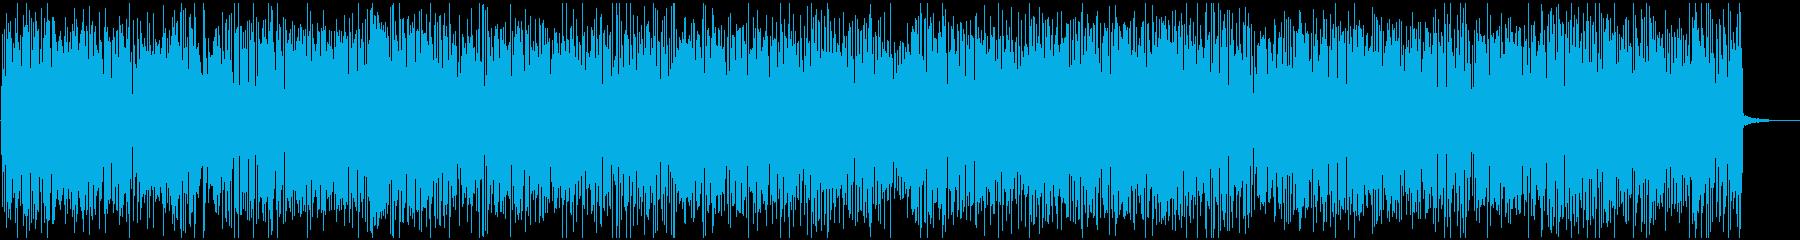 早送り動画に最適な疾走感カントリーバンドの再生済みの波形